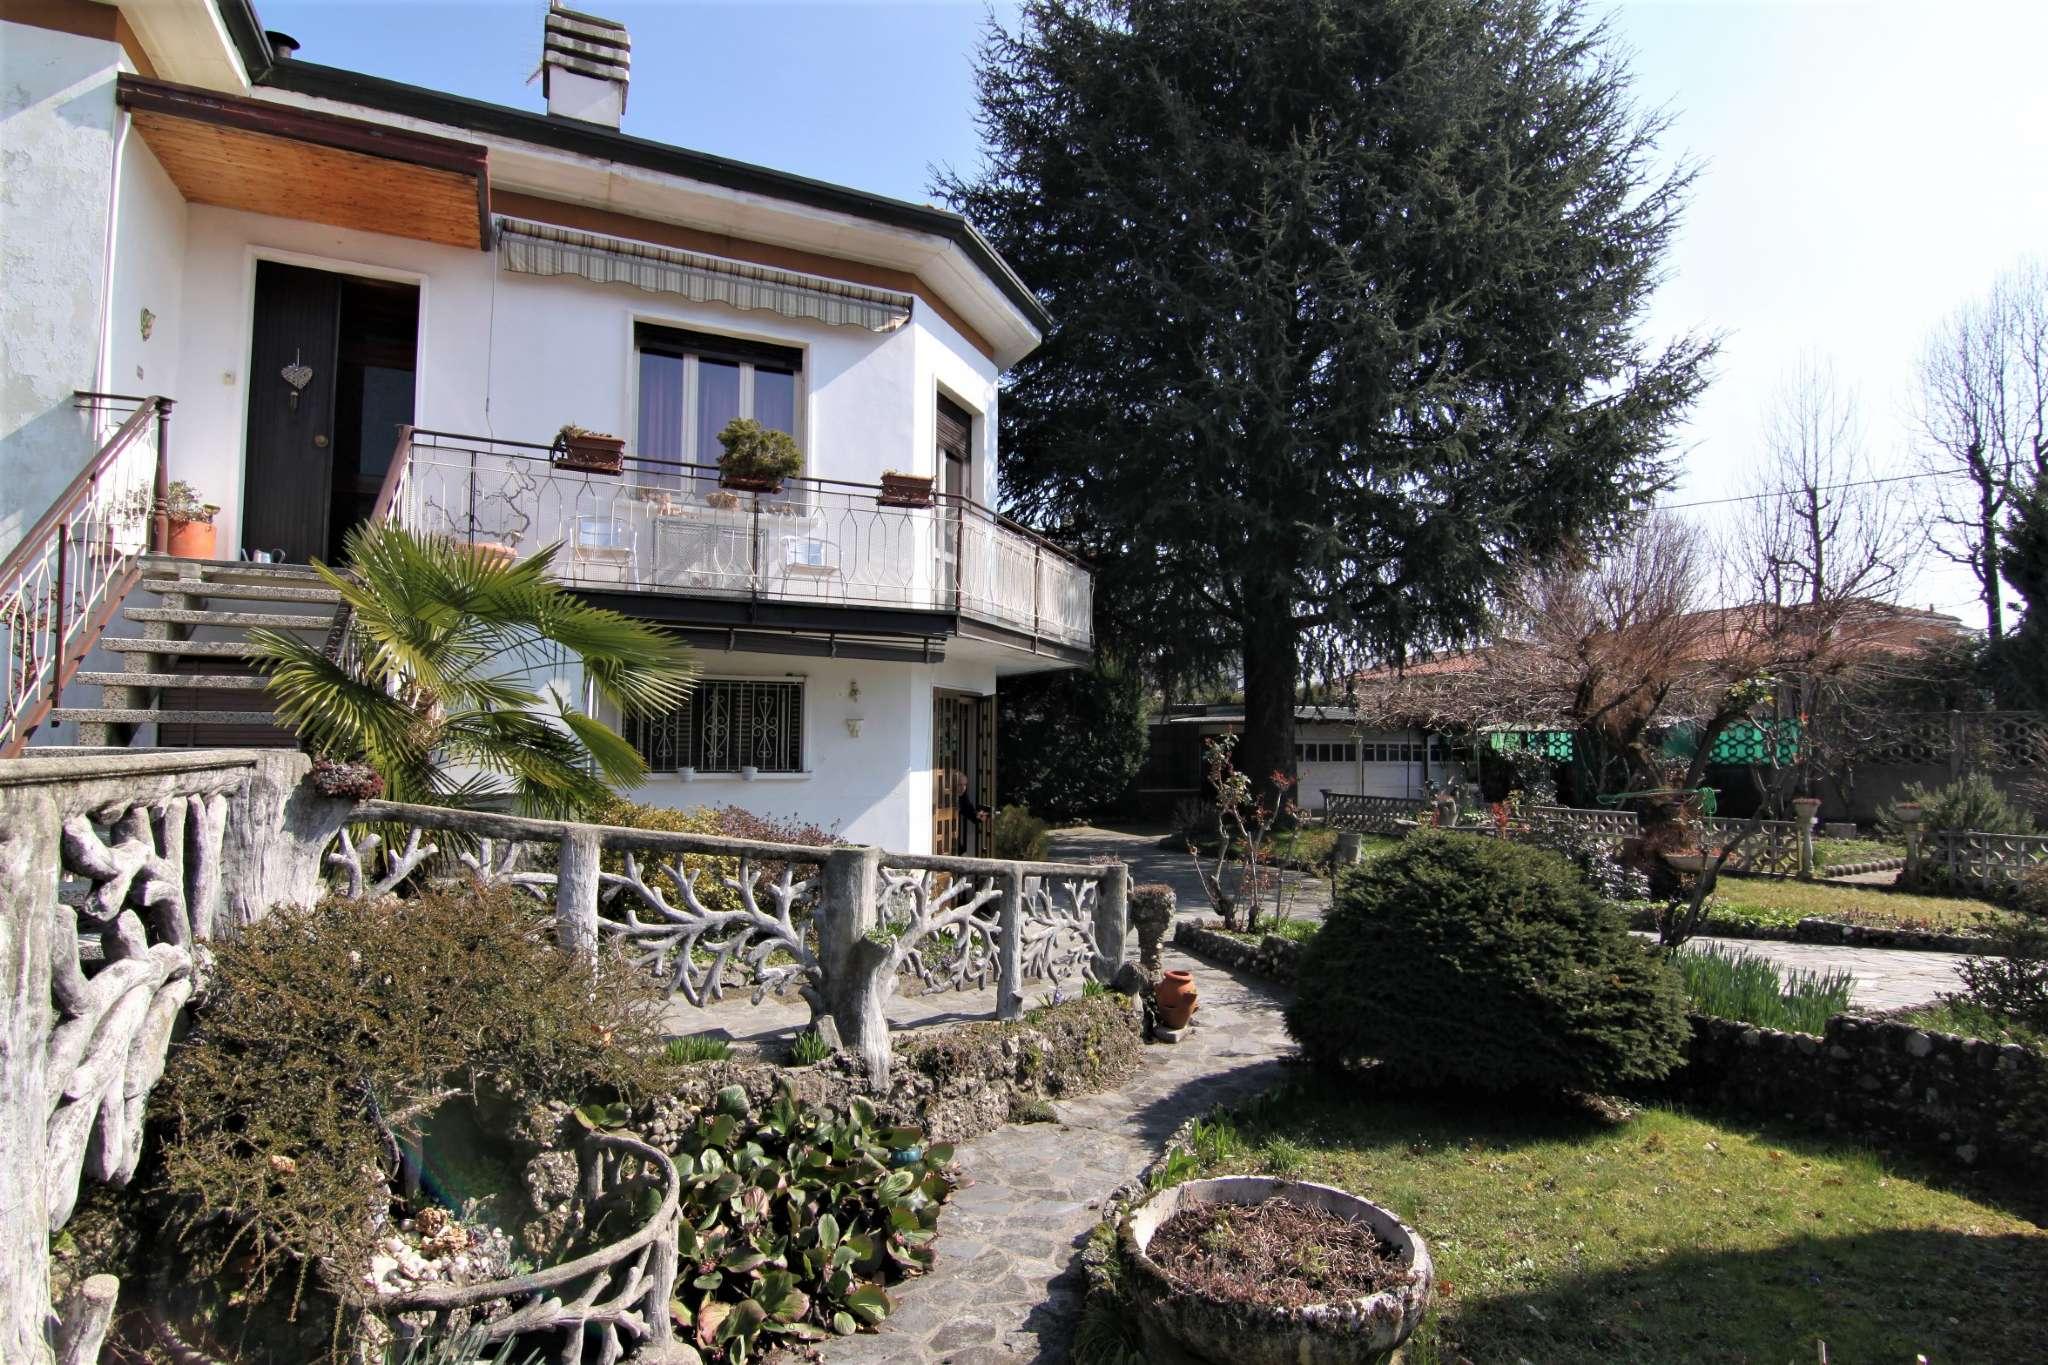 Villa in vendita a Cassano Magnago, 5 locali, prezzo € 215.000   CambioCasa.it